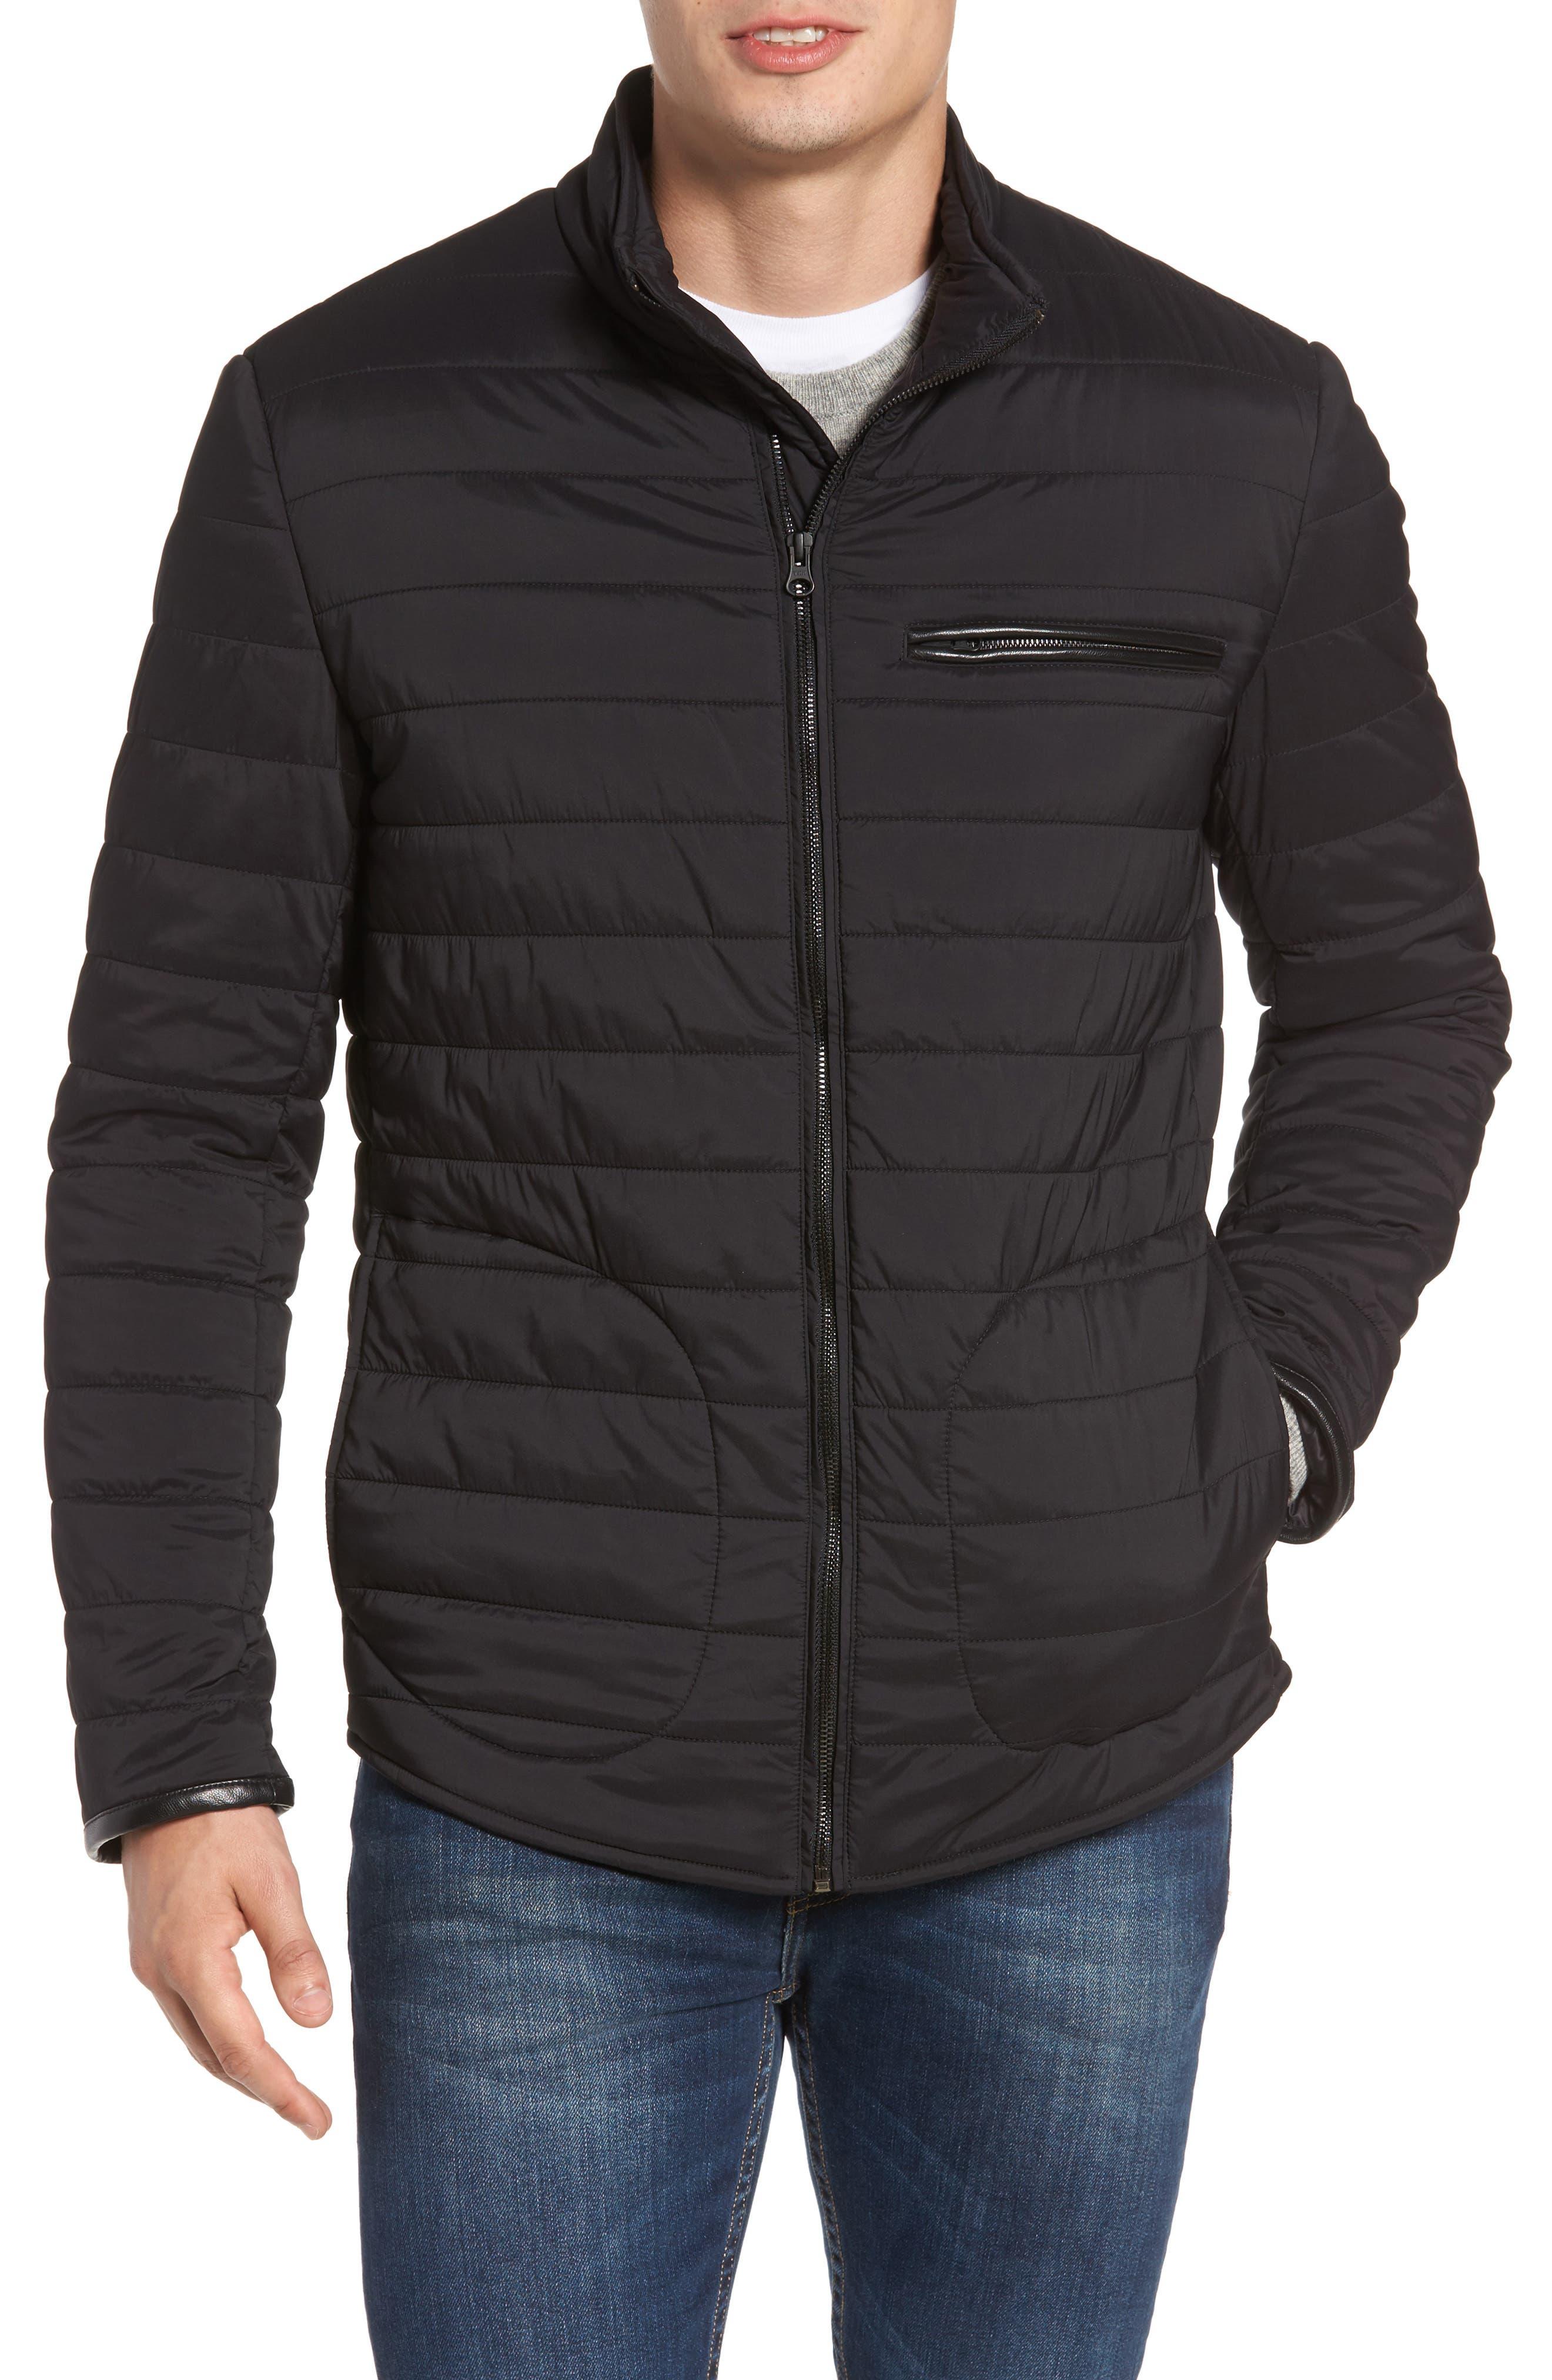 Rodd & Gunn Portland Island Jacket